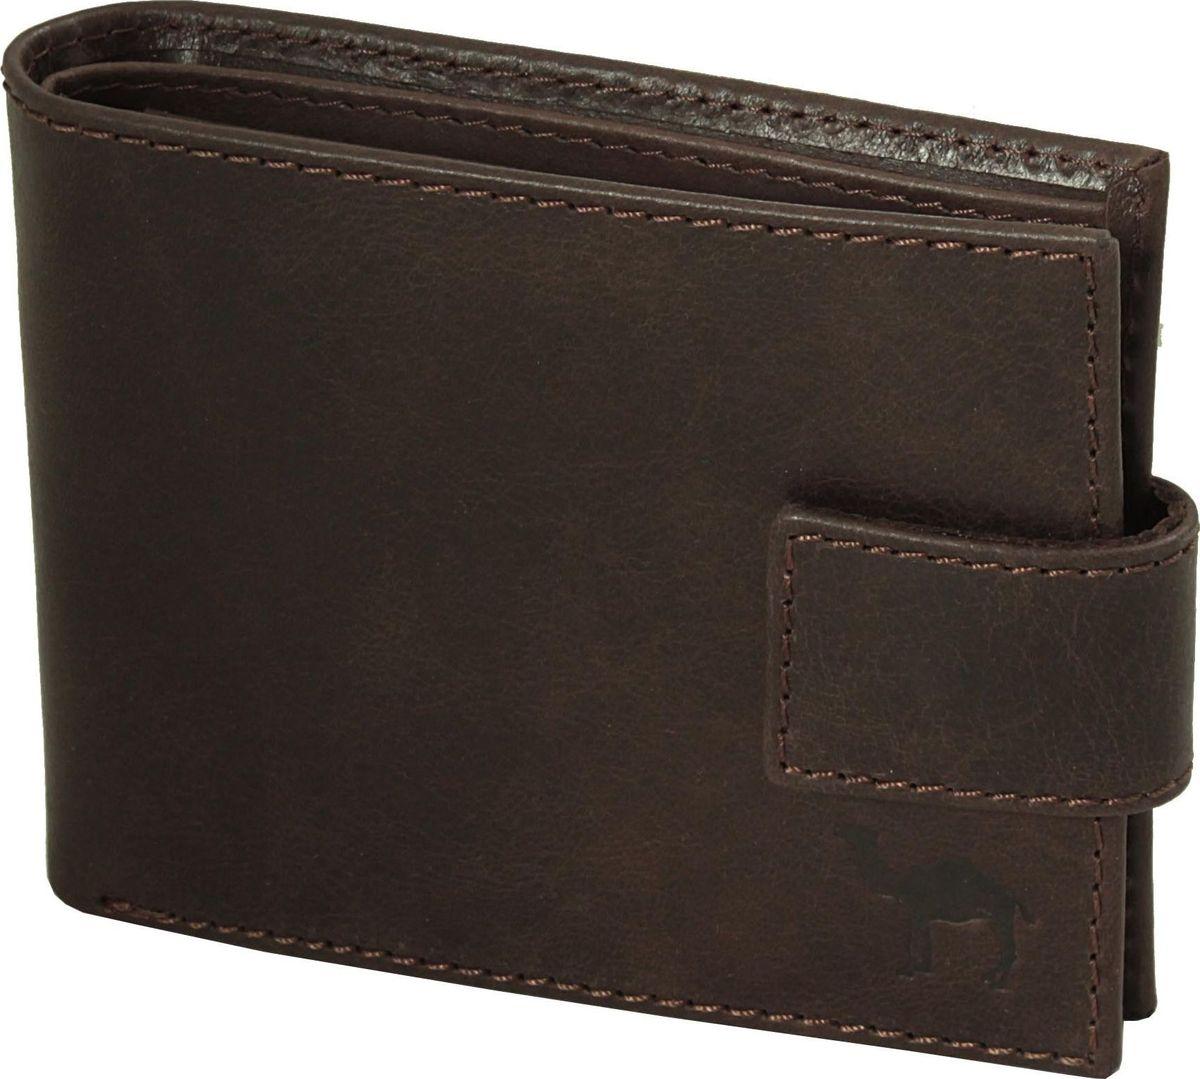 Портмоне мужское Dimanche Camel, цвет: коричневый. 634/КINT-06501Удобное и функциональное портмоне Dimanche Camel изготовлено из натуральной гладкой кожи. Закрывается модель хлястиком на кнопку. Внутри имеется два отделения для купюр, дополнительный карман на молнии, объемный карман для мелочи, который закрывается клапаном с потайной кнопкой и семь карманов для кредитных карт.